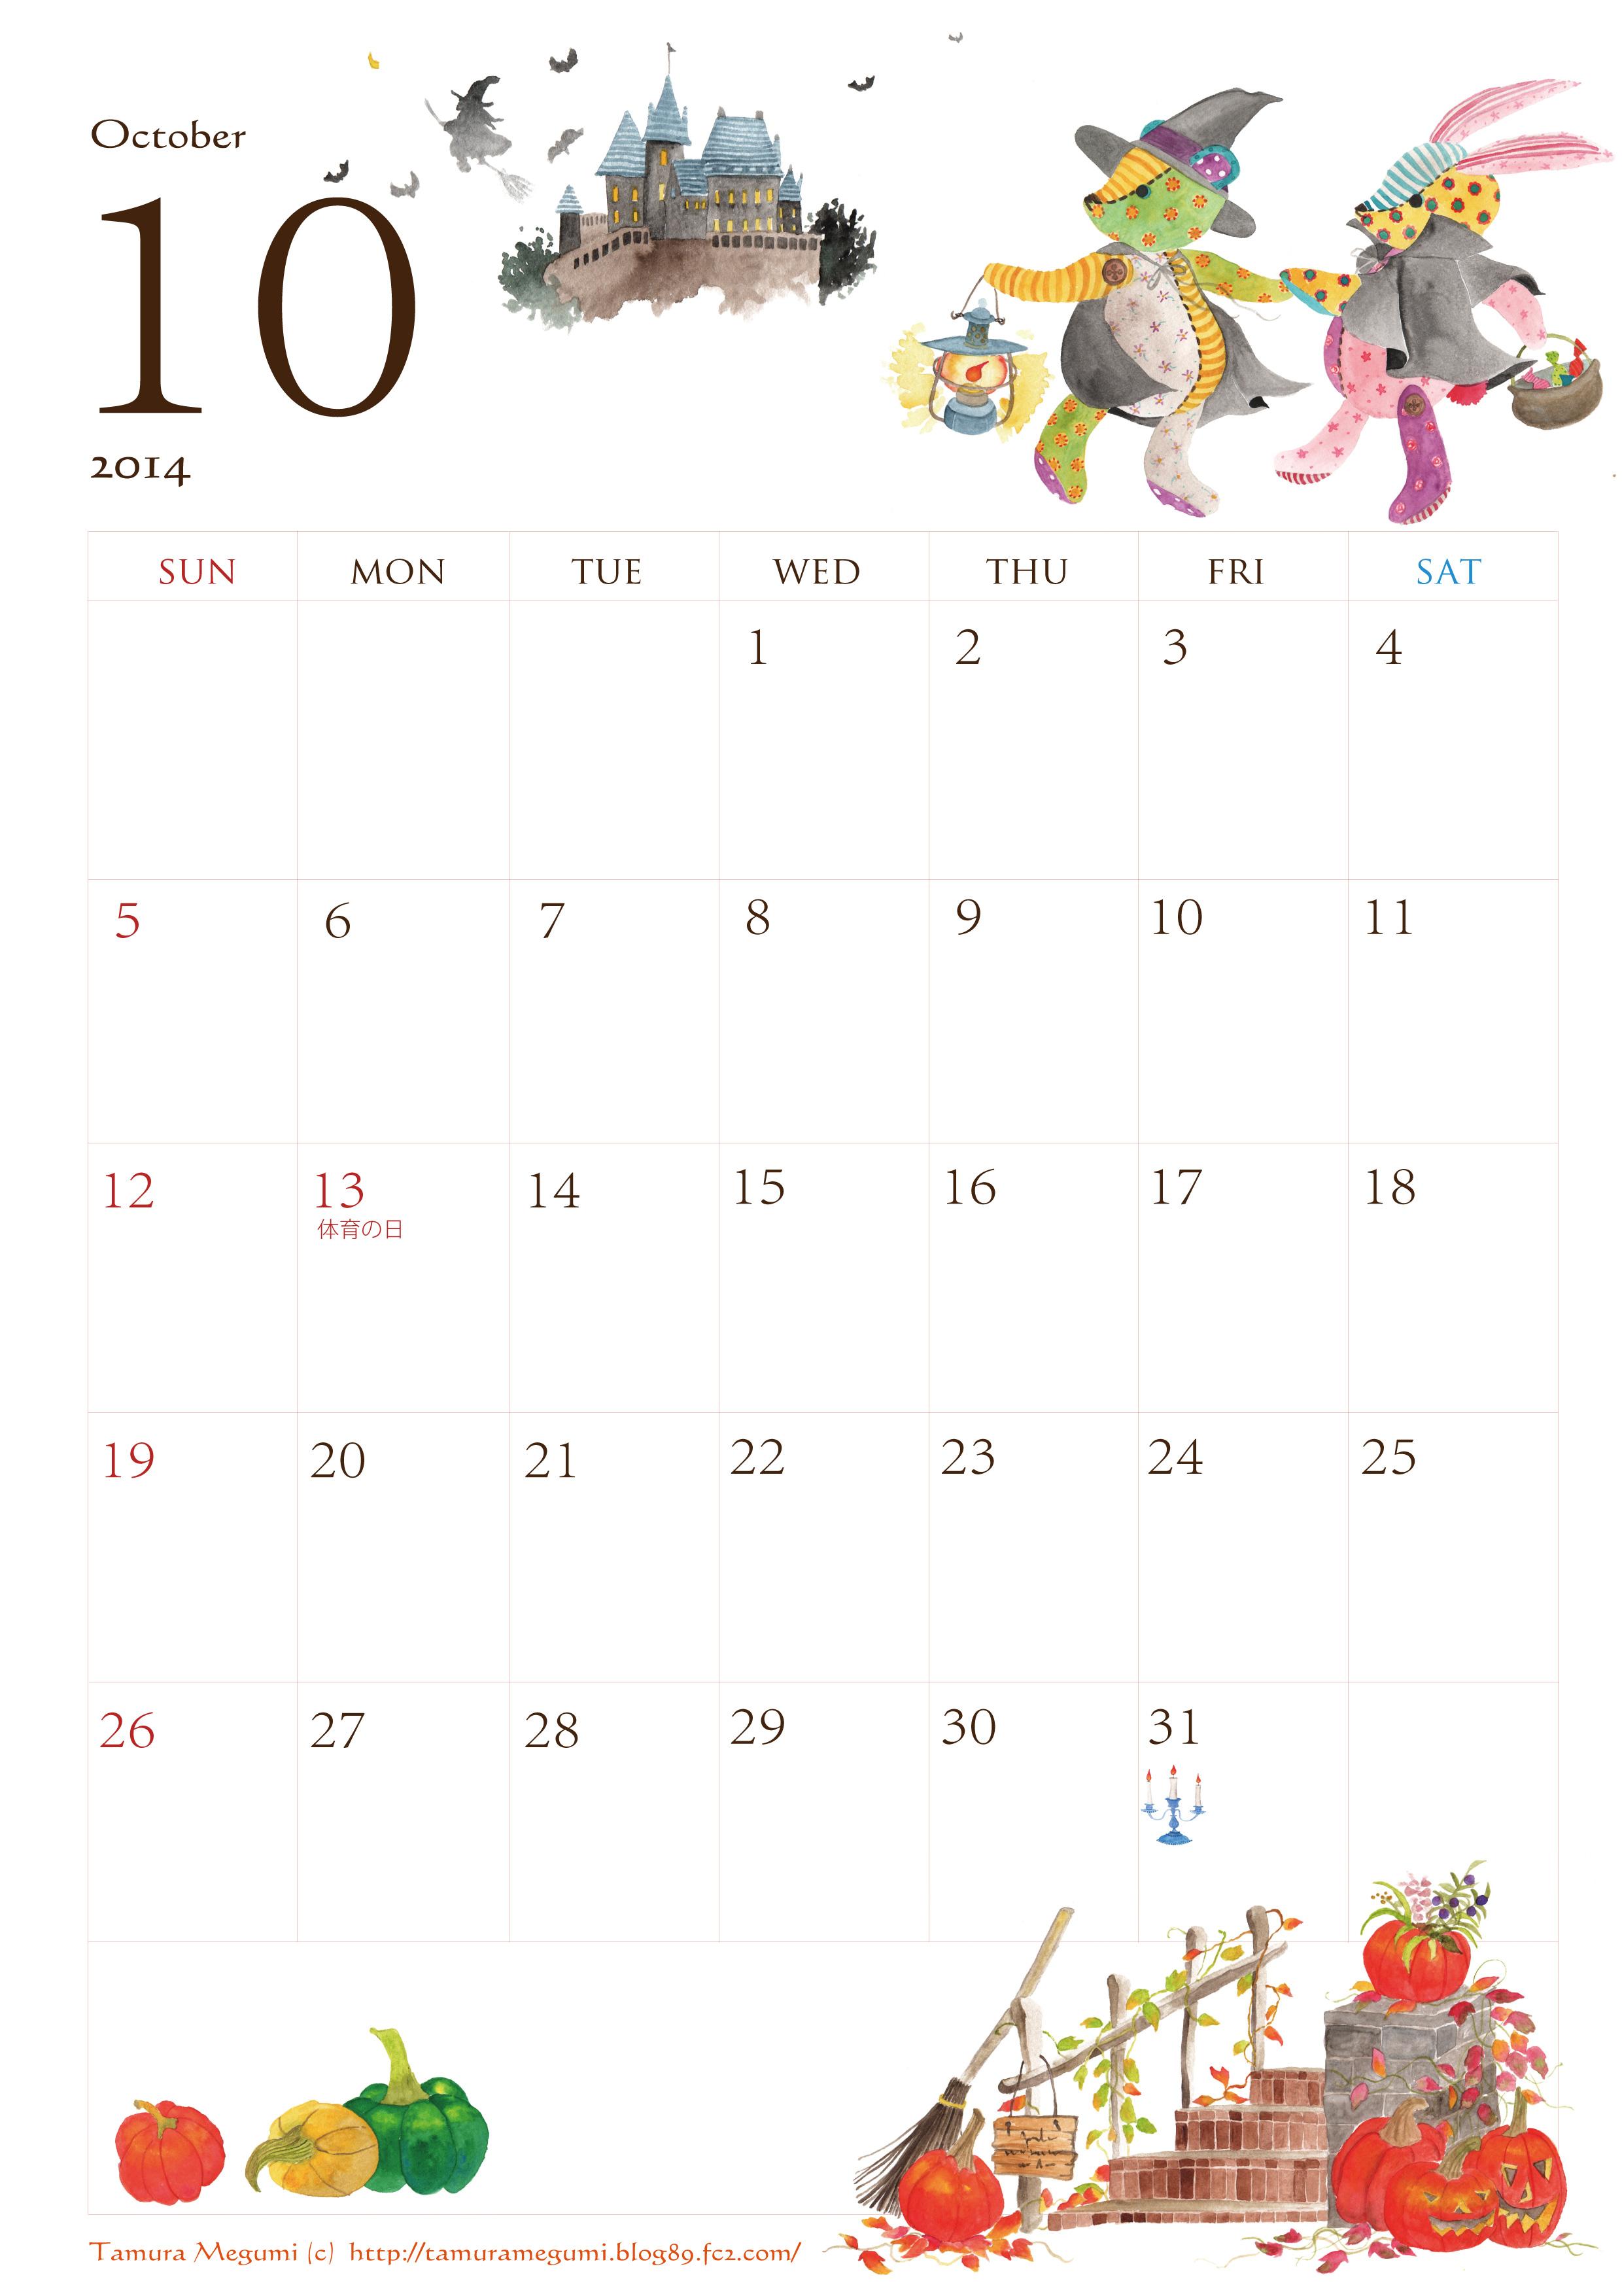 カレンダー a4 カレンダー 2014 : 2014年10月 カレンダー A4 ...